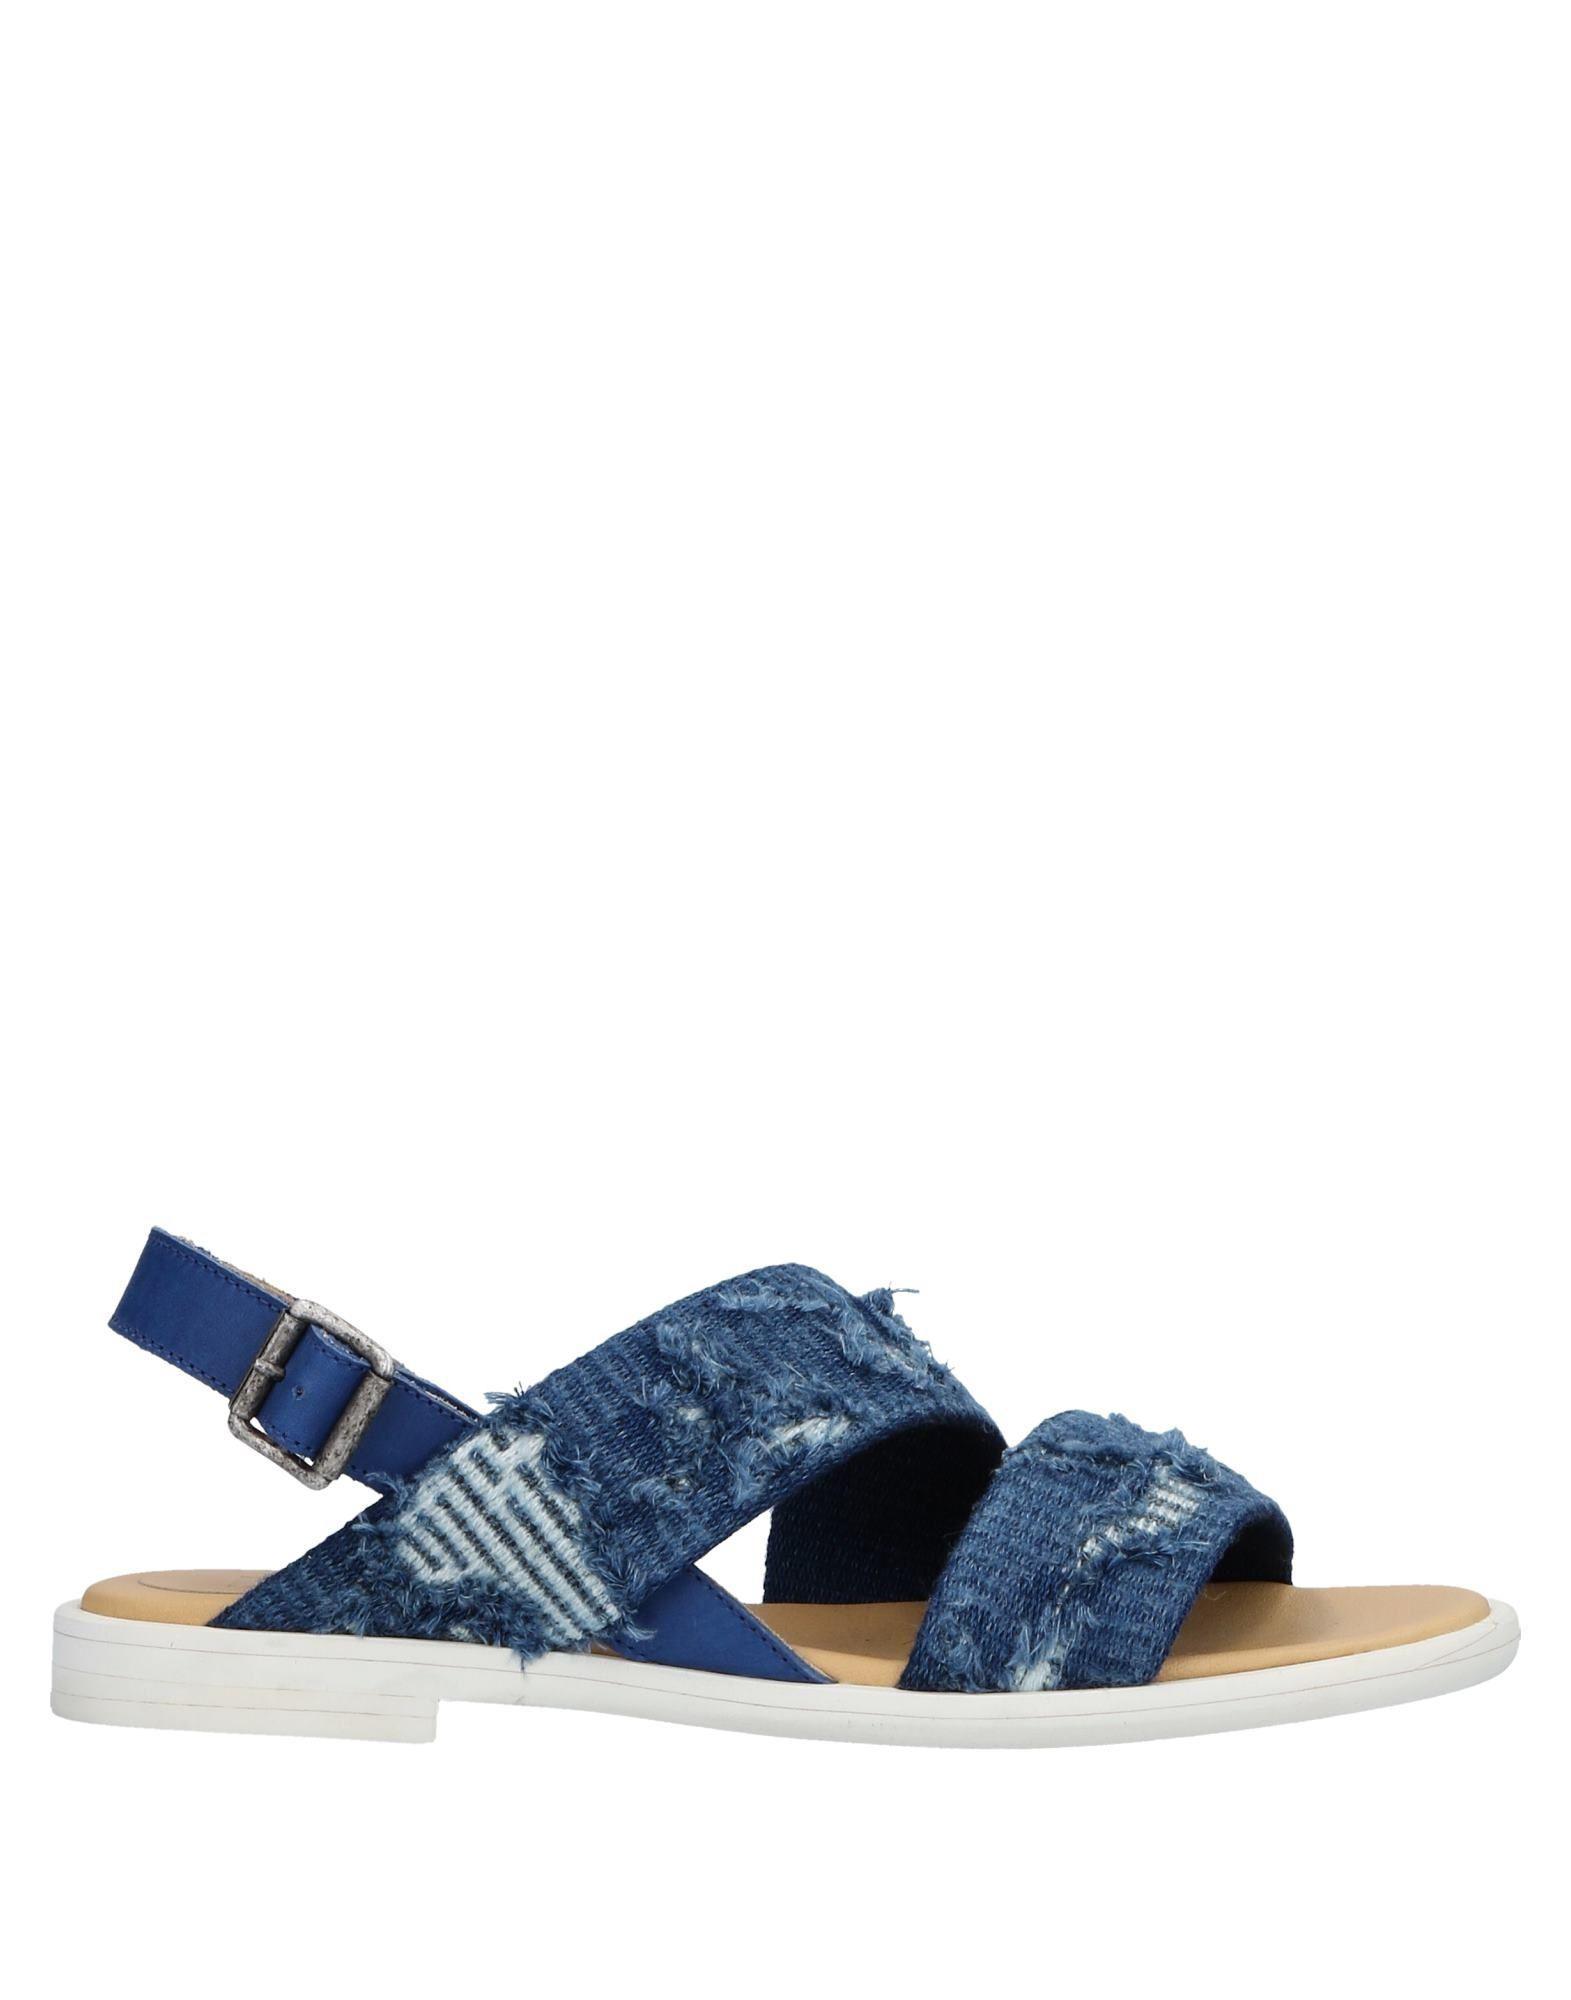 19d93d53d08c MM6 by Maison Martin Margiela Sandals in Blue - Lyst